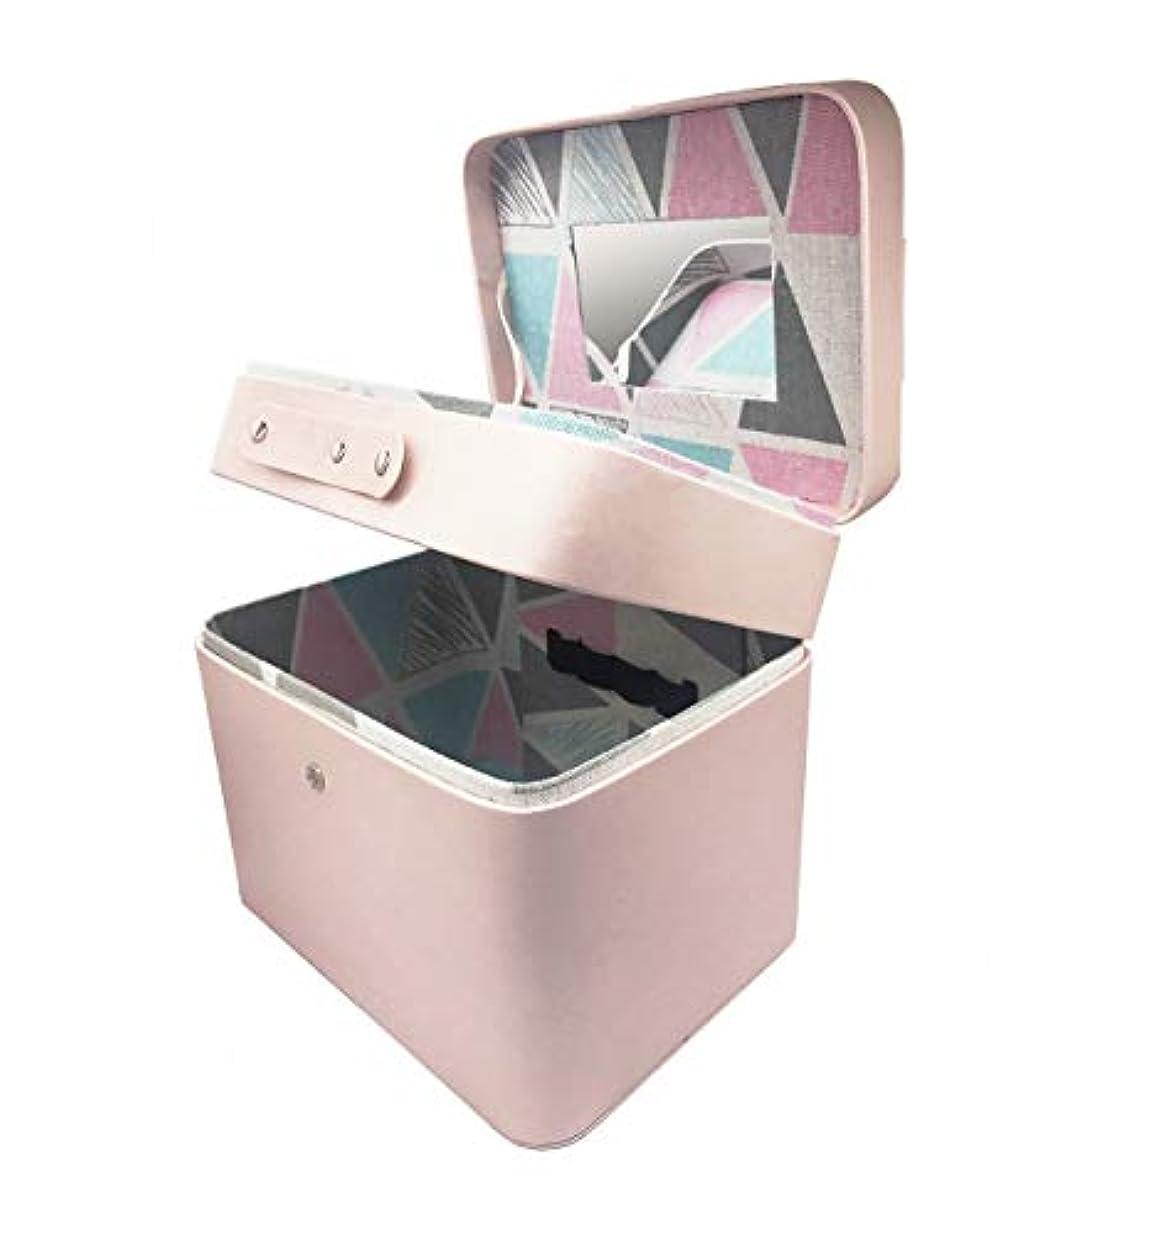 存在サンダル化学者SZTulip メイクボックス コスメボックス 大容量収納ケース メイクブラシ化粧道具 小物入れ 鏡付き 化粧品収納ボックス